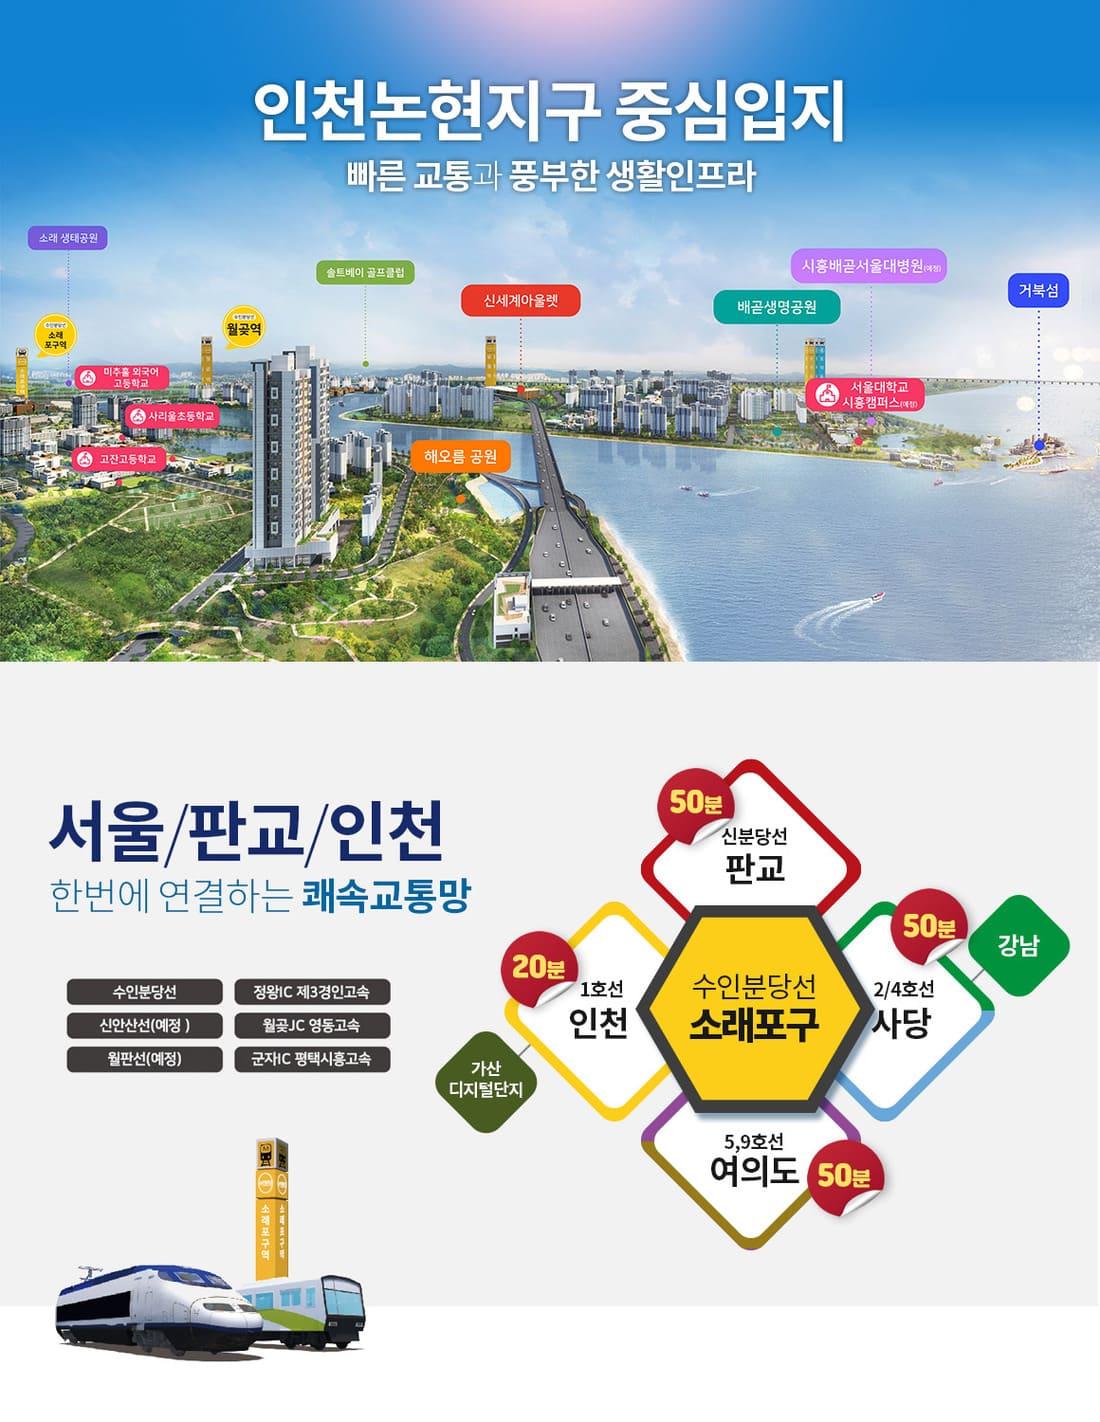 인천논현아리스타-입지정보